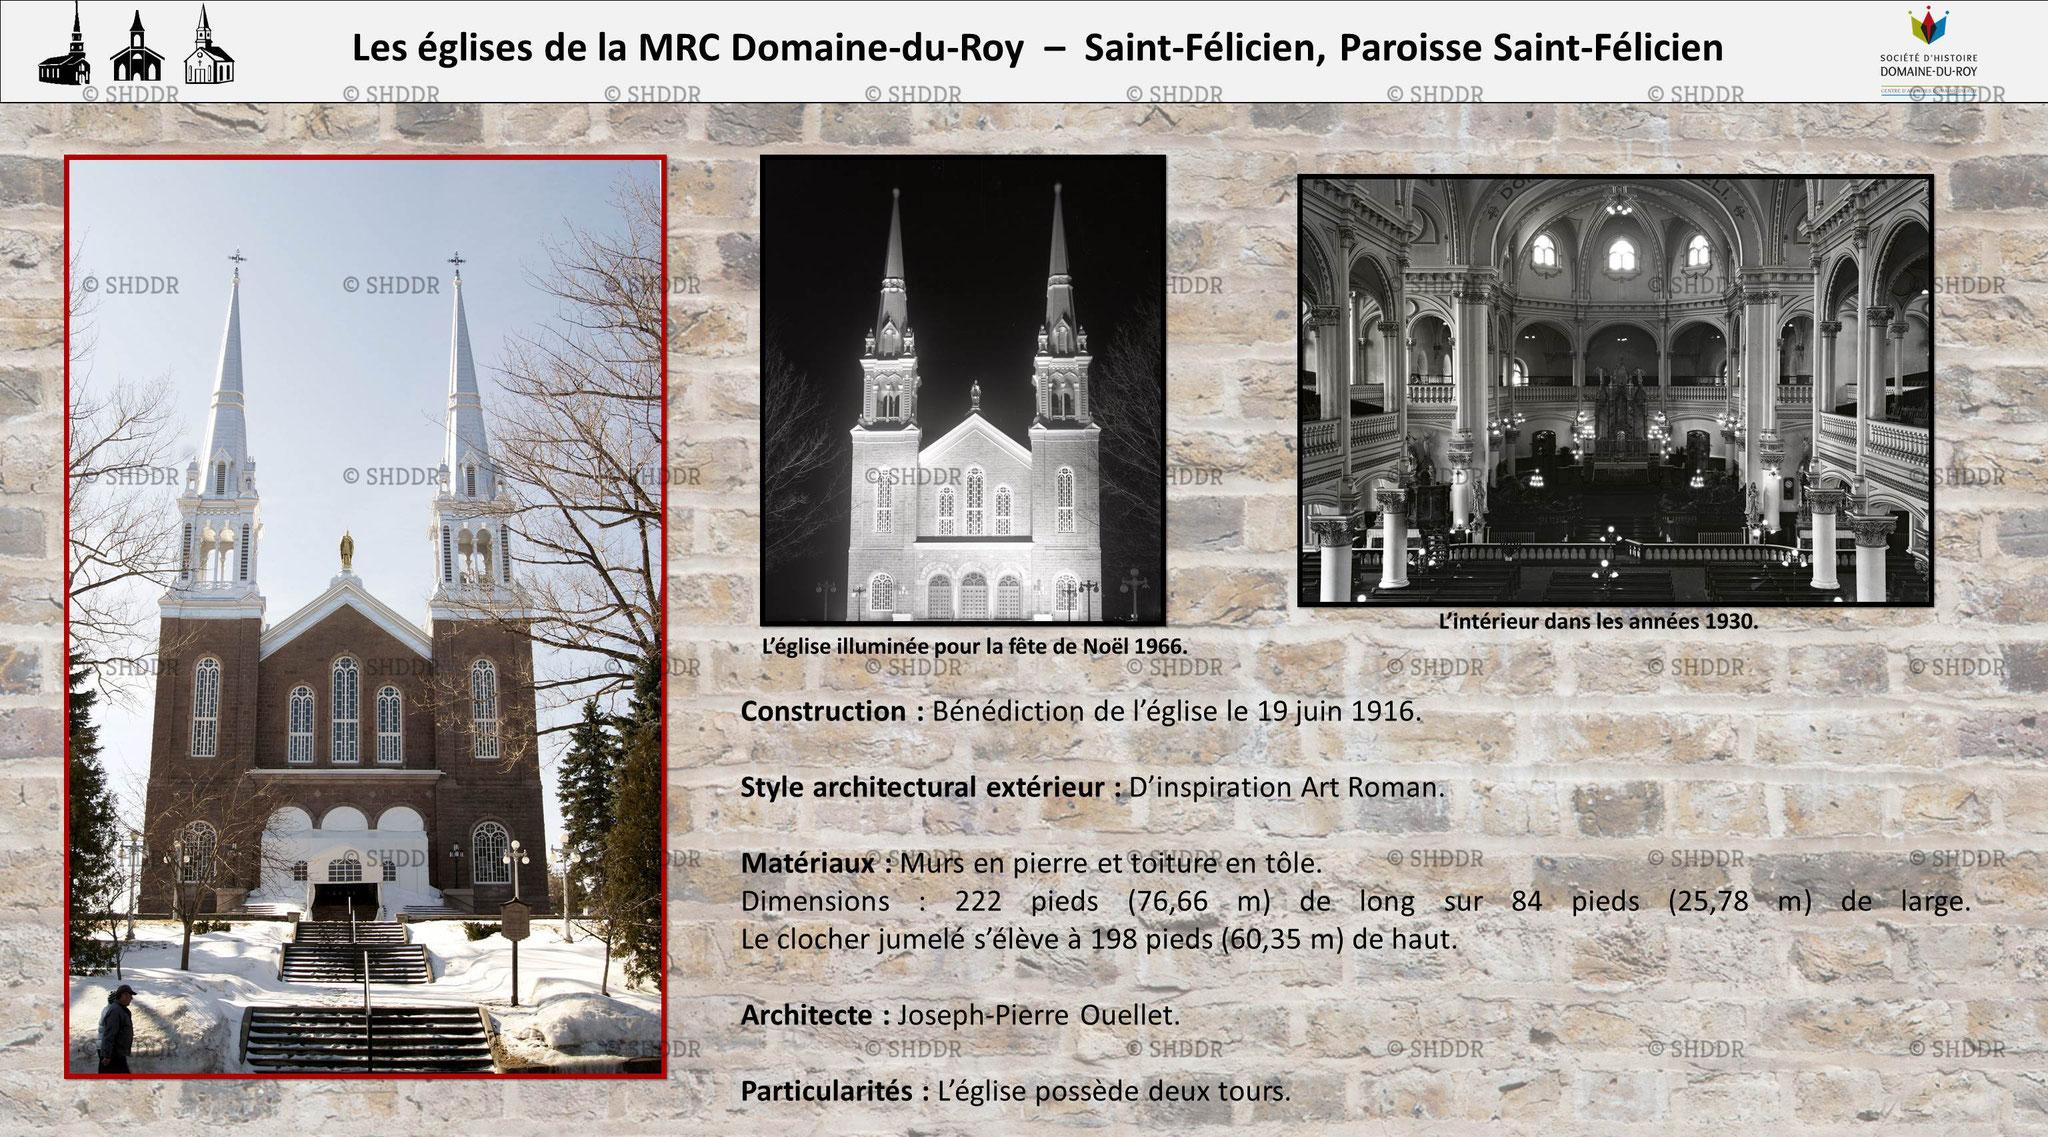 Saint-Félicien - Paroisse Saint-Félicien